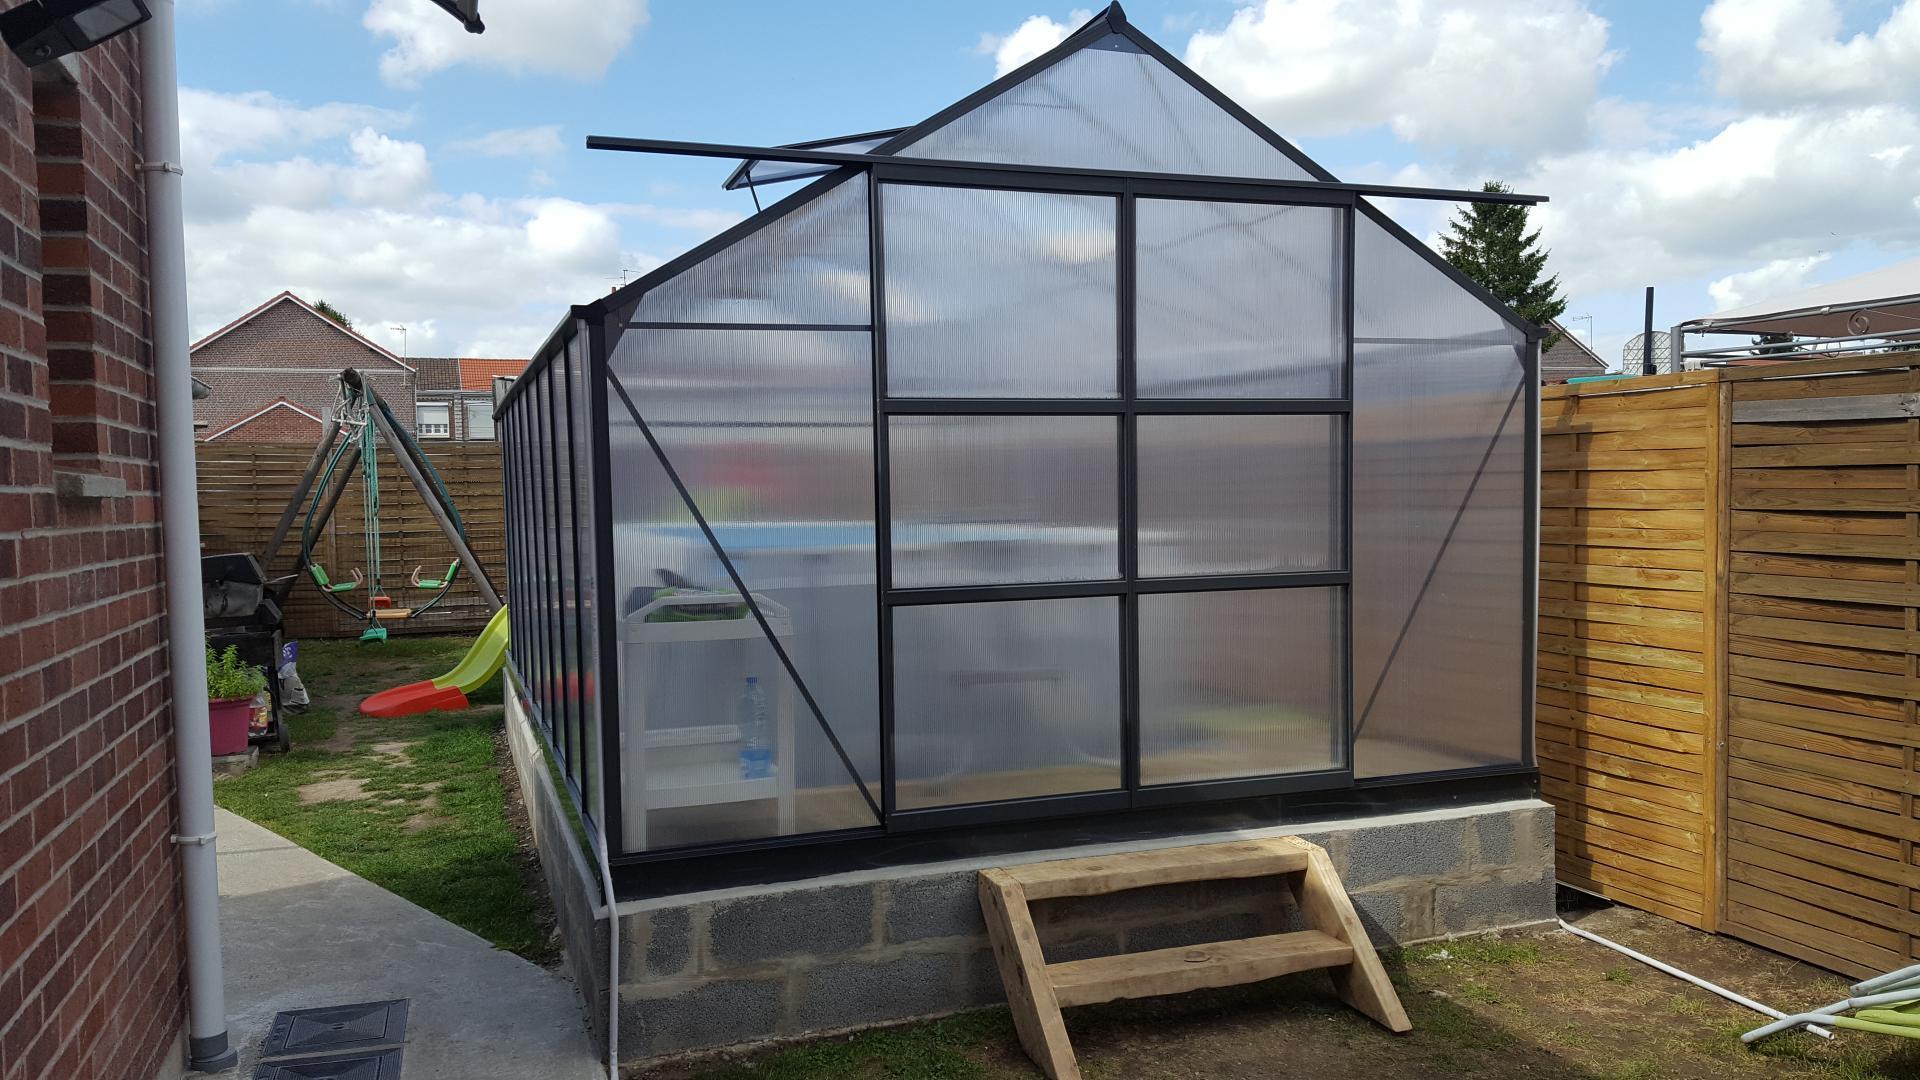 serre de jardin 16 9m anthracite en polycarbonate 4mm. Black Bedroom Furniture Sets. Home Design Ideas